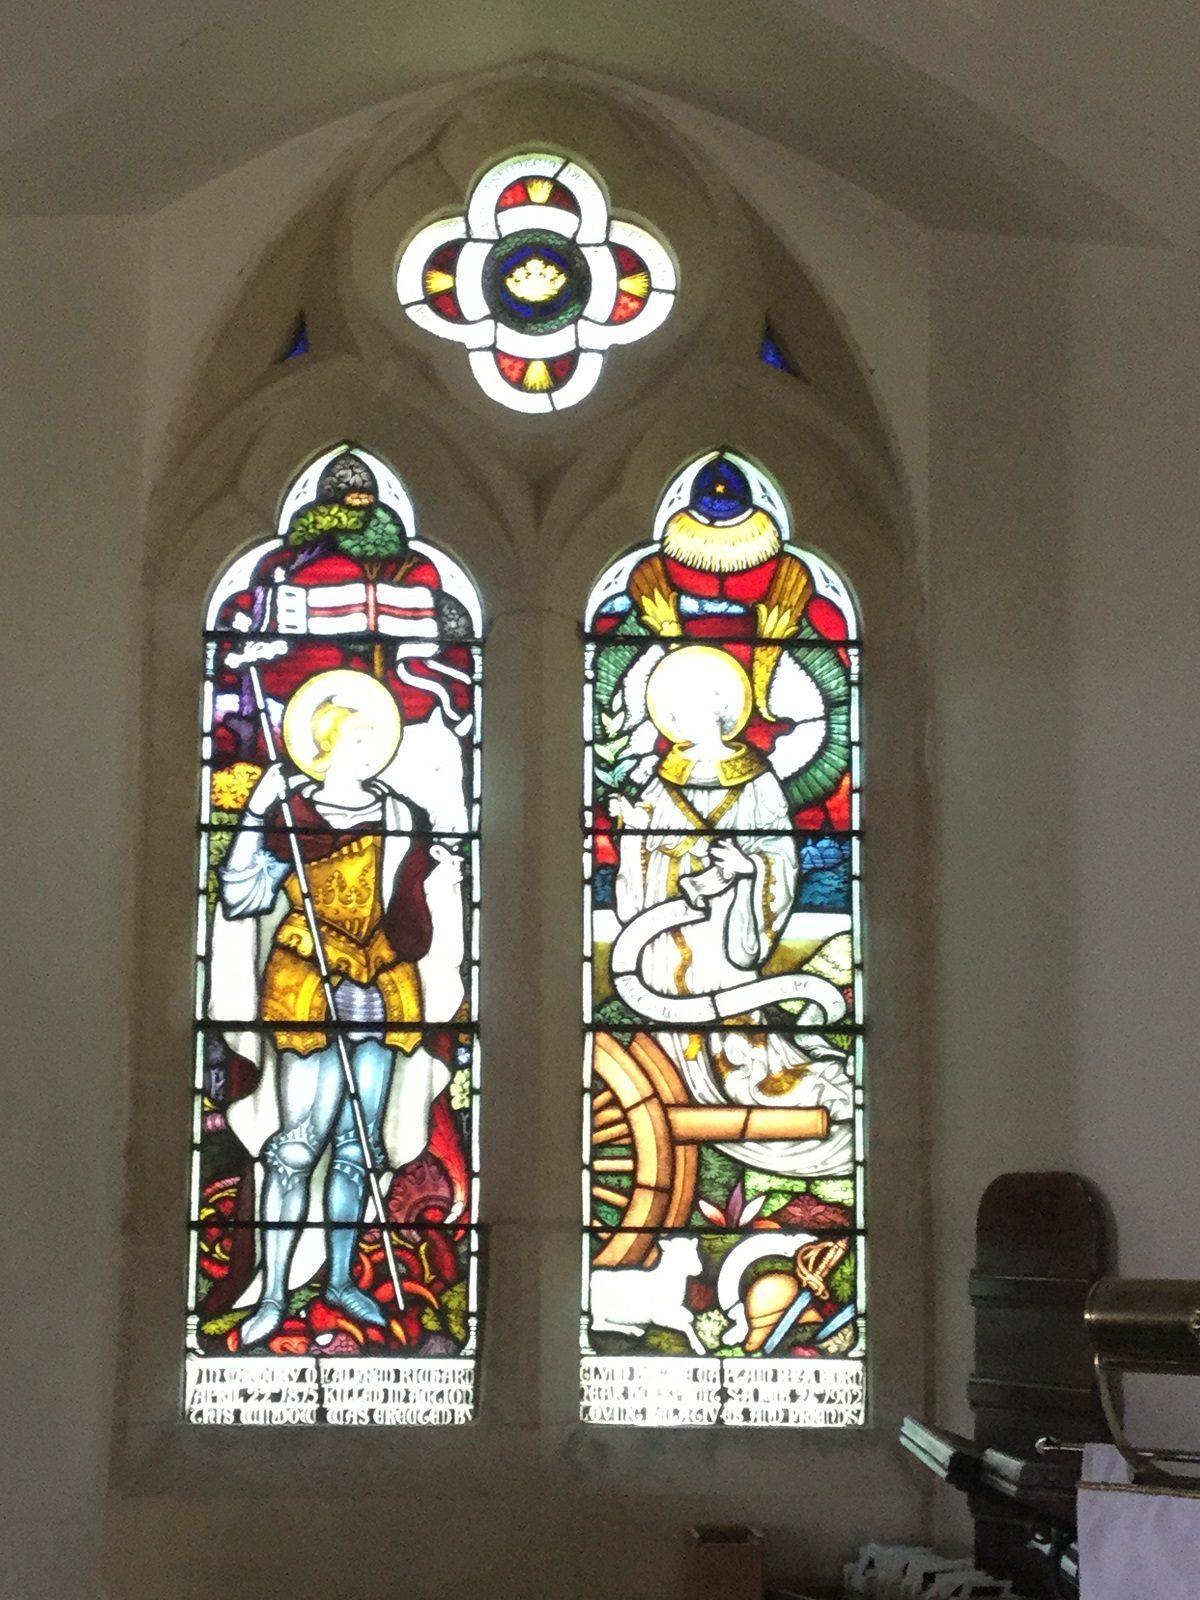 Llanrhystud Church stained glass window